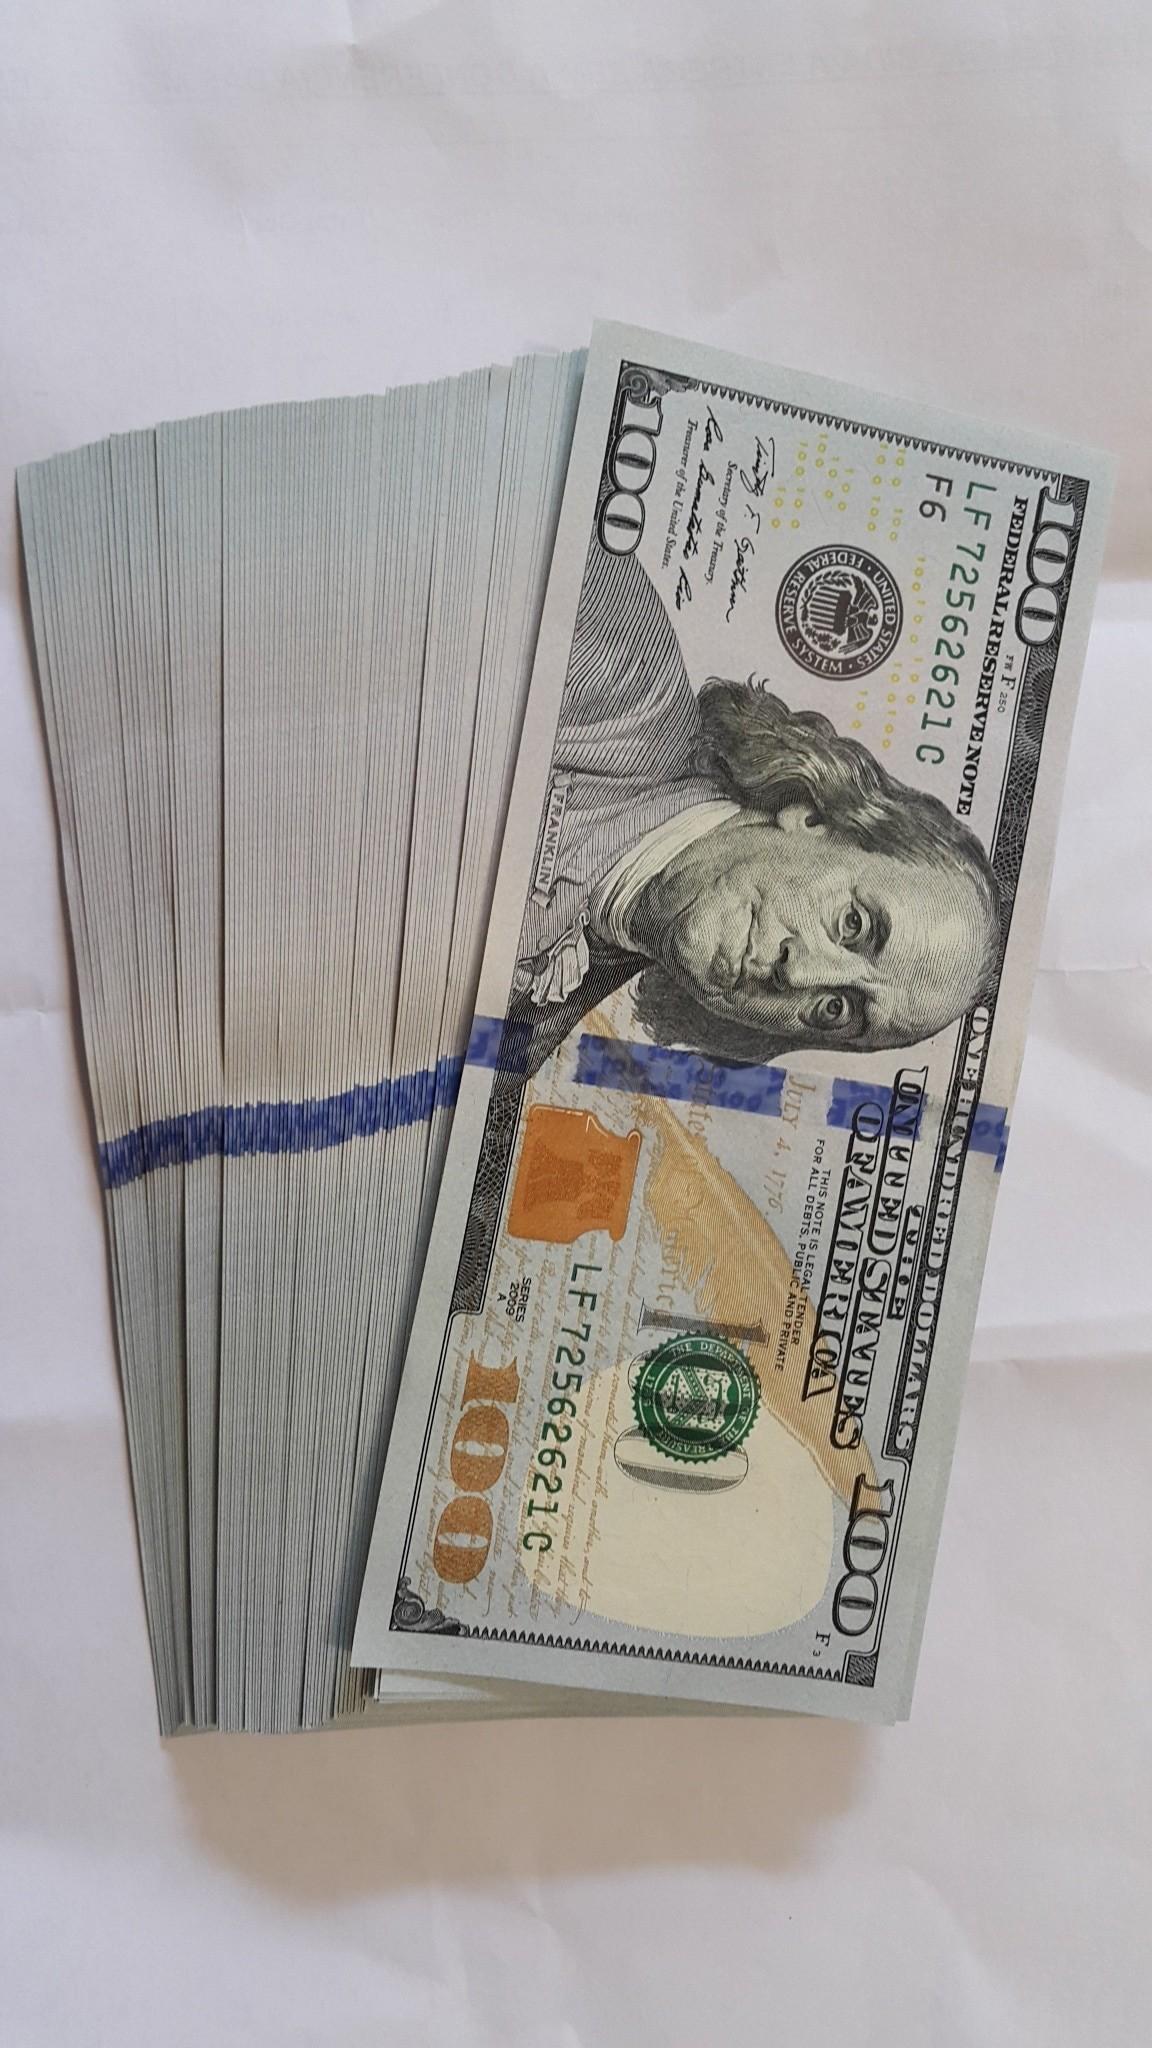 100 u.s. dollar bill bundle